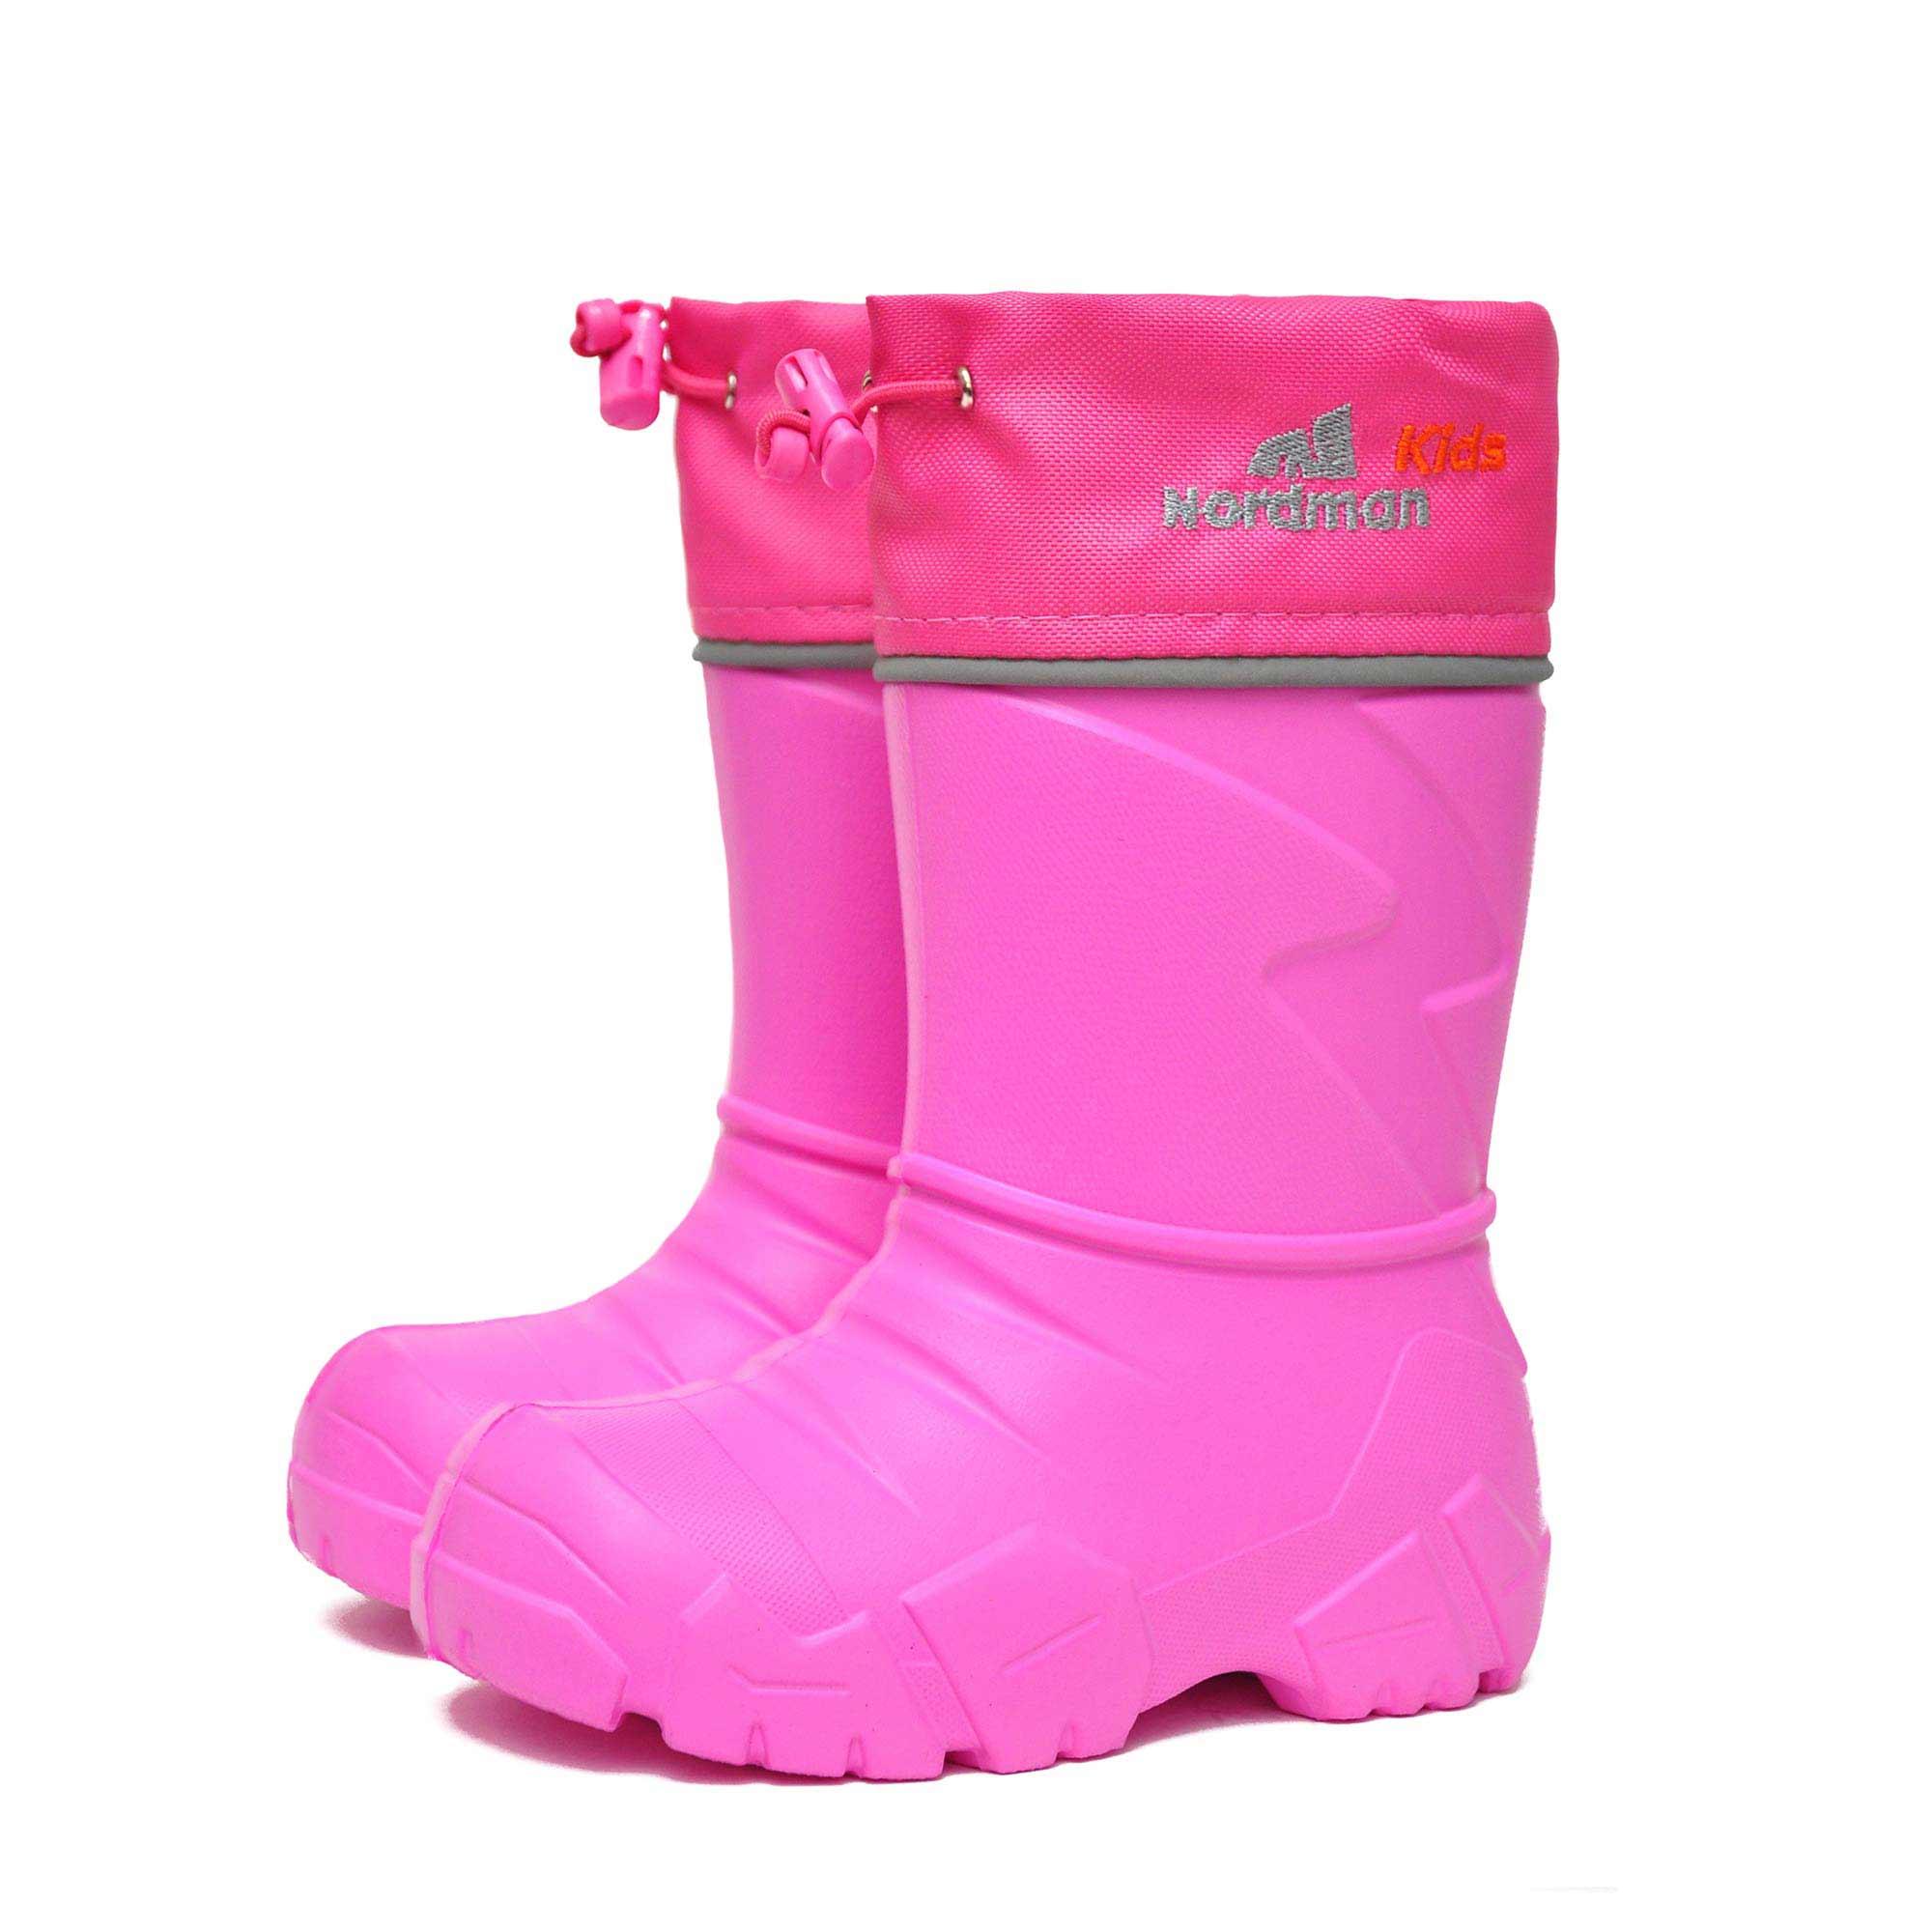 Сапоги Nordman Kids из Эва с вшитым меховым вкладышем, цвет розовый